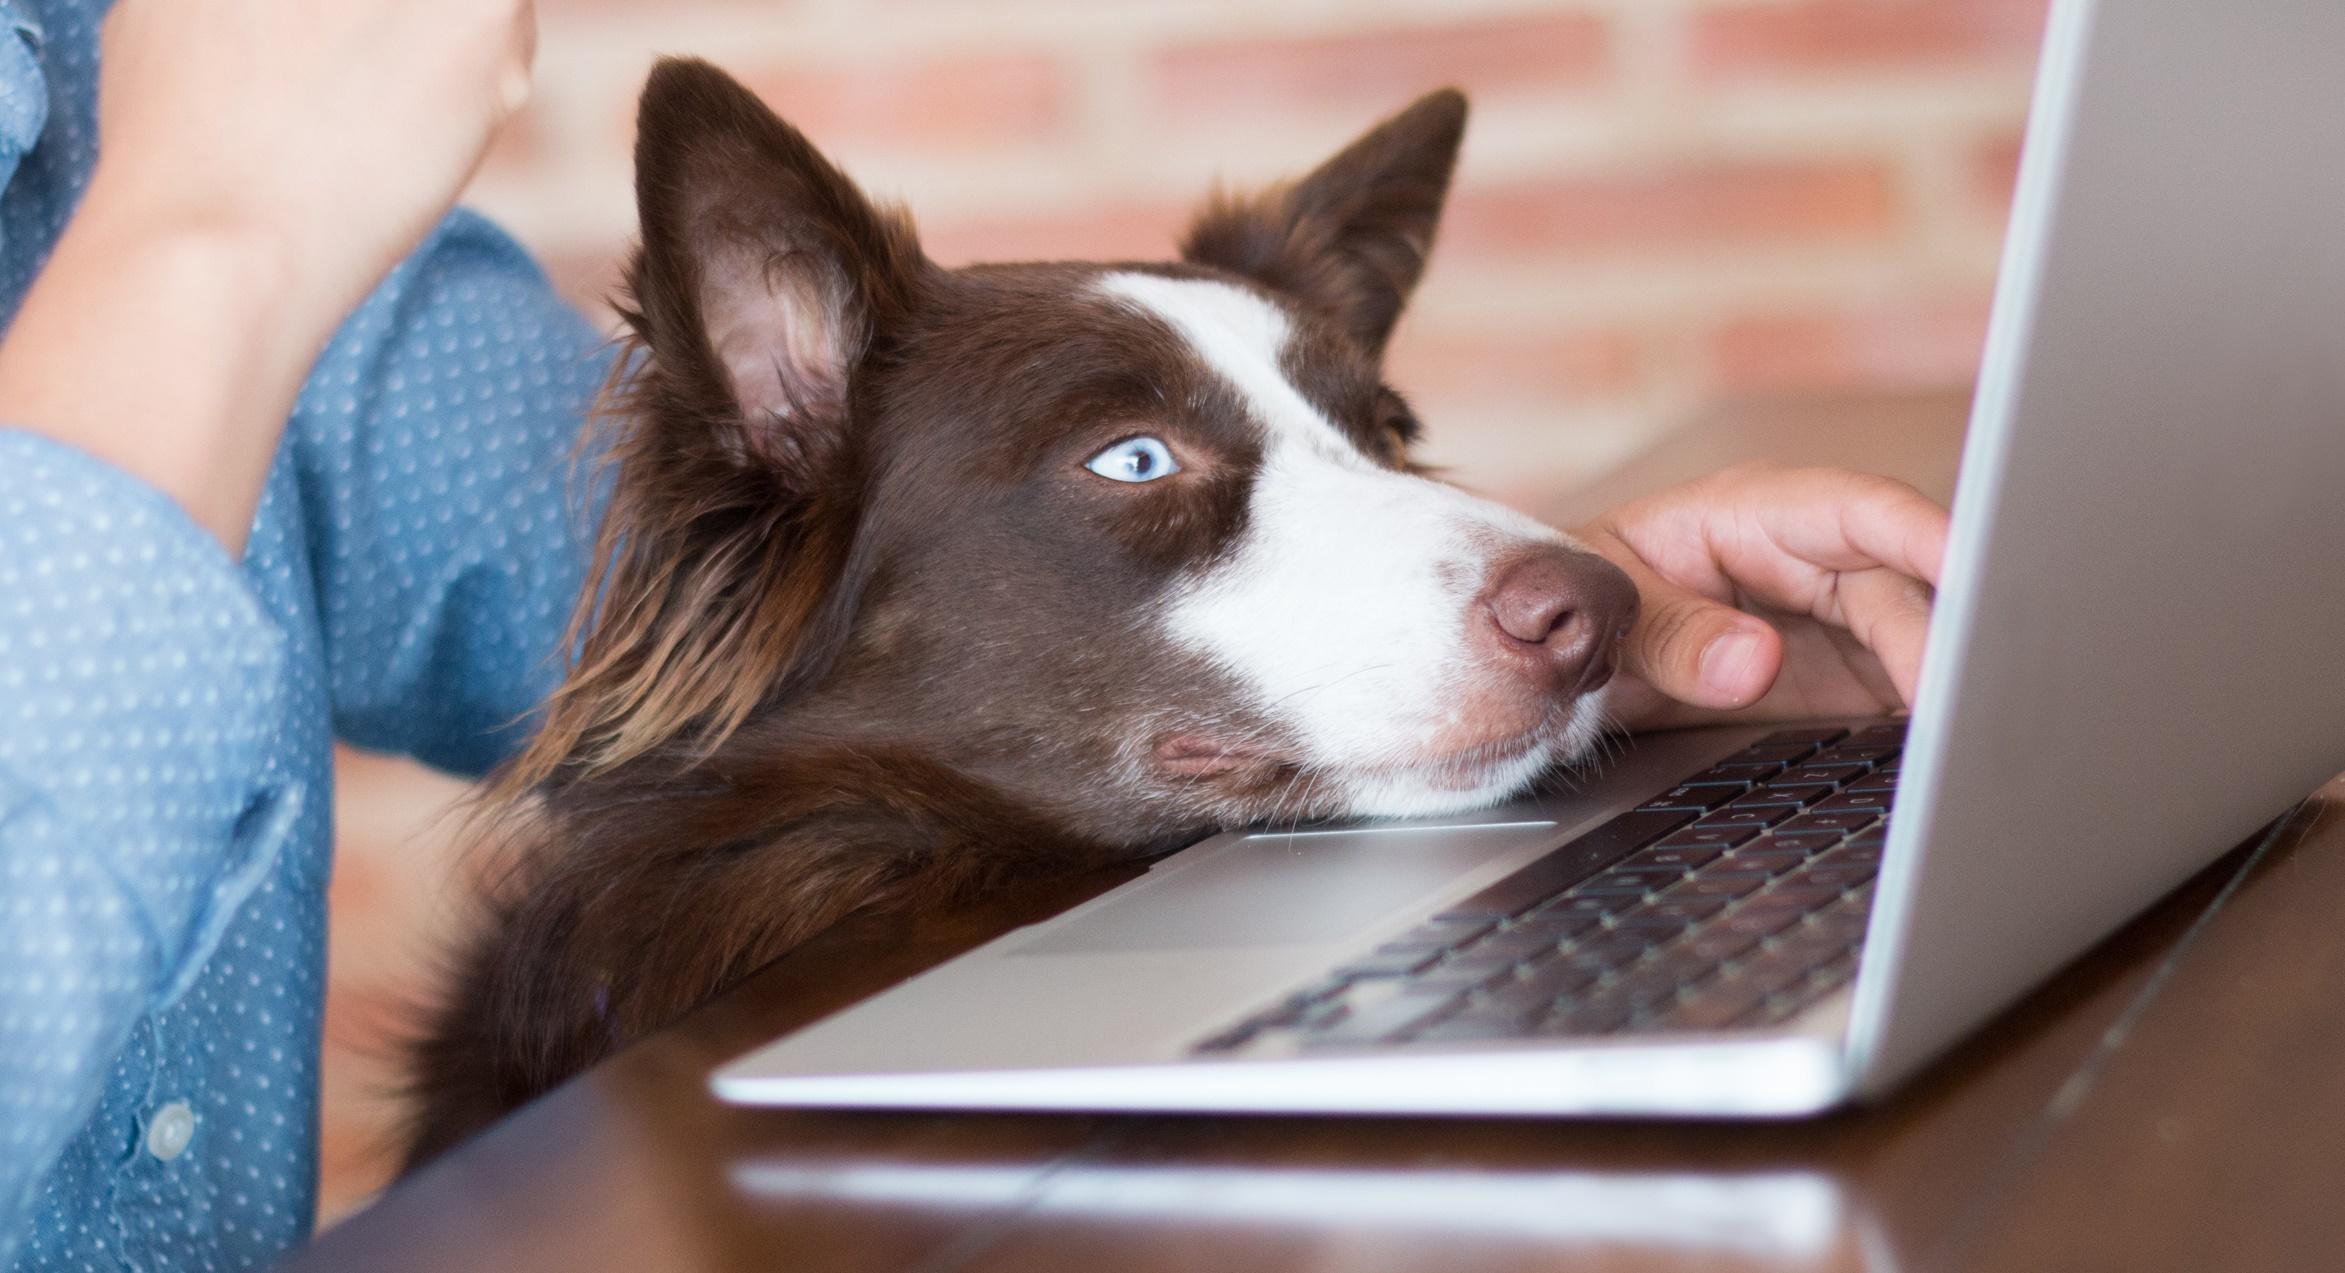 Lavorare in casa con il cane quattro zampe for Lavorare con i cani